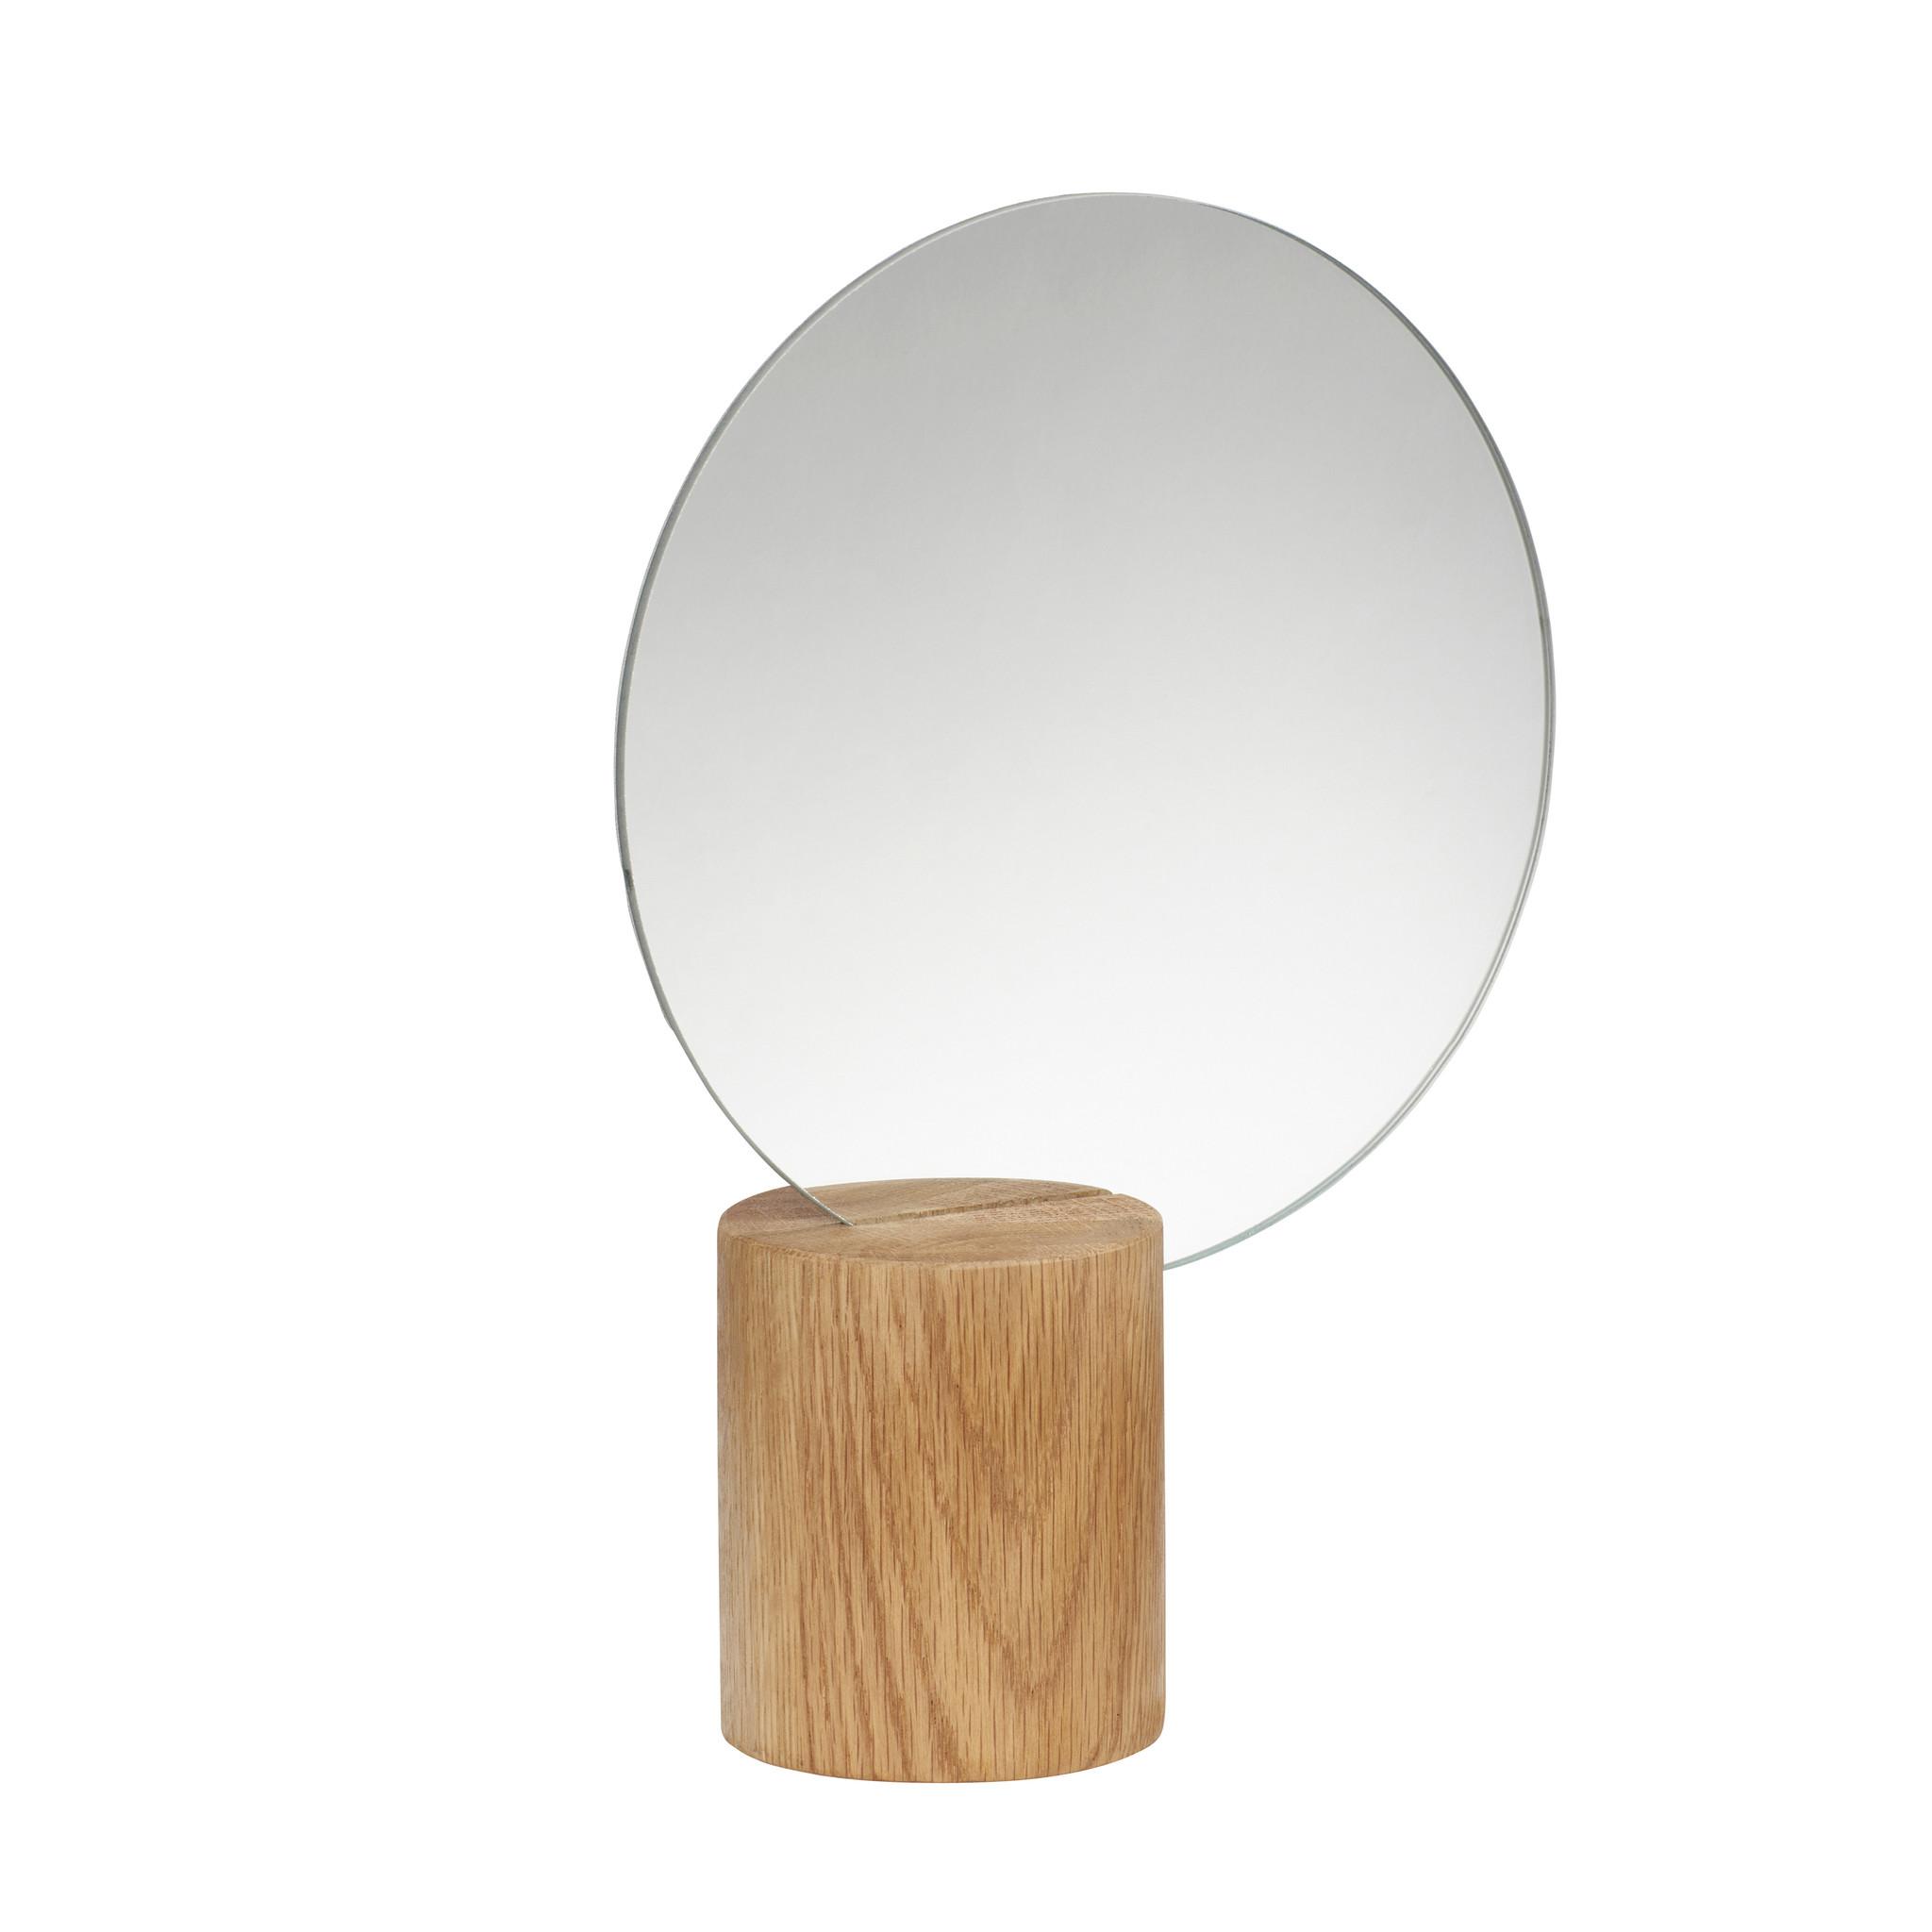 Hubsch Tafelspiegel, hout, natuur, rond-880907-5712772070802